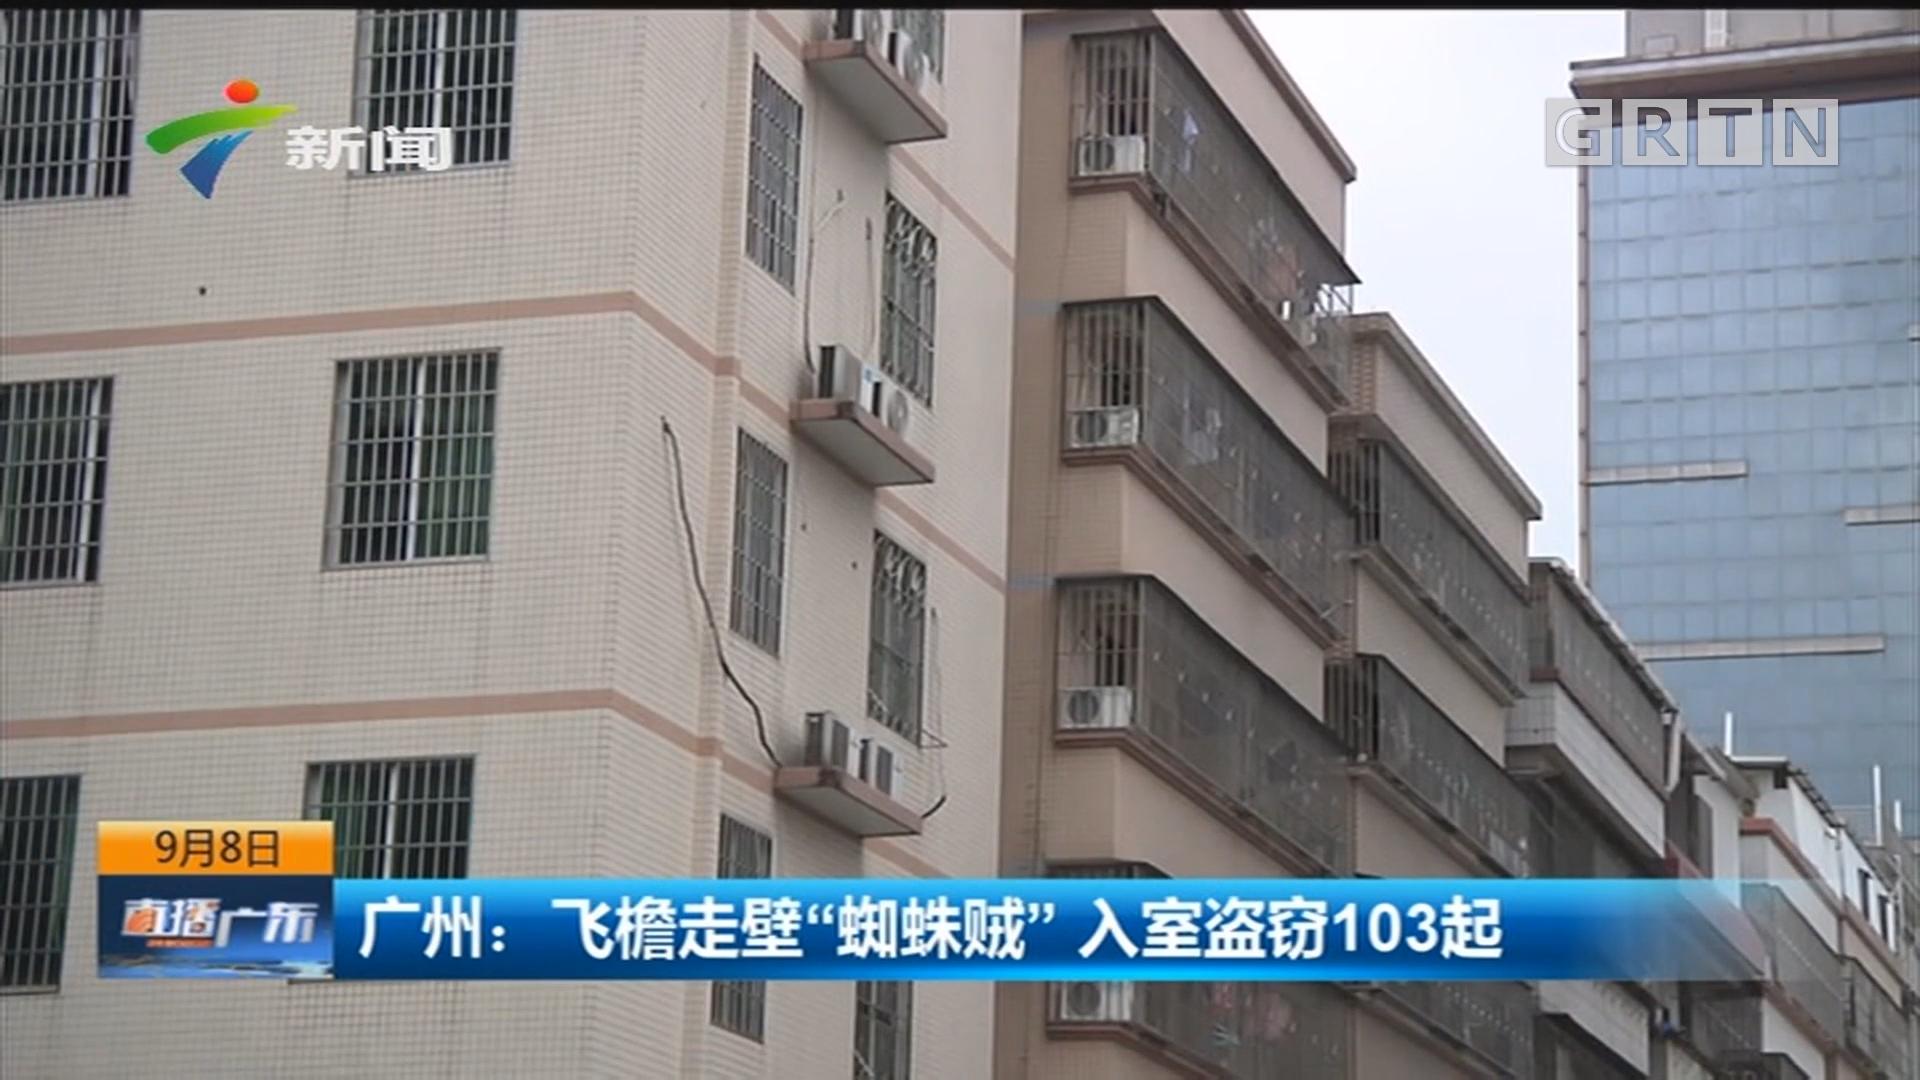 """广州:飞檐走壁""""蜘蛛贼""""入室盗窃103起"""